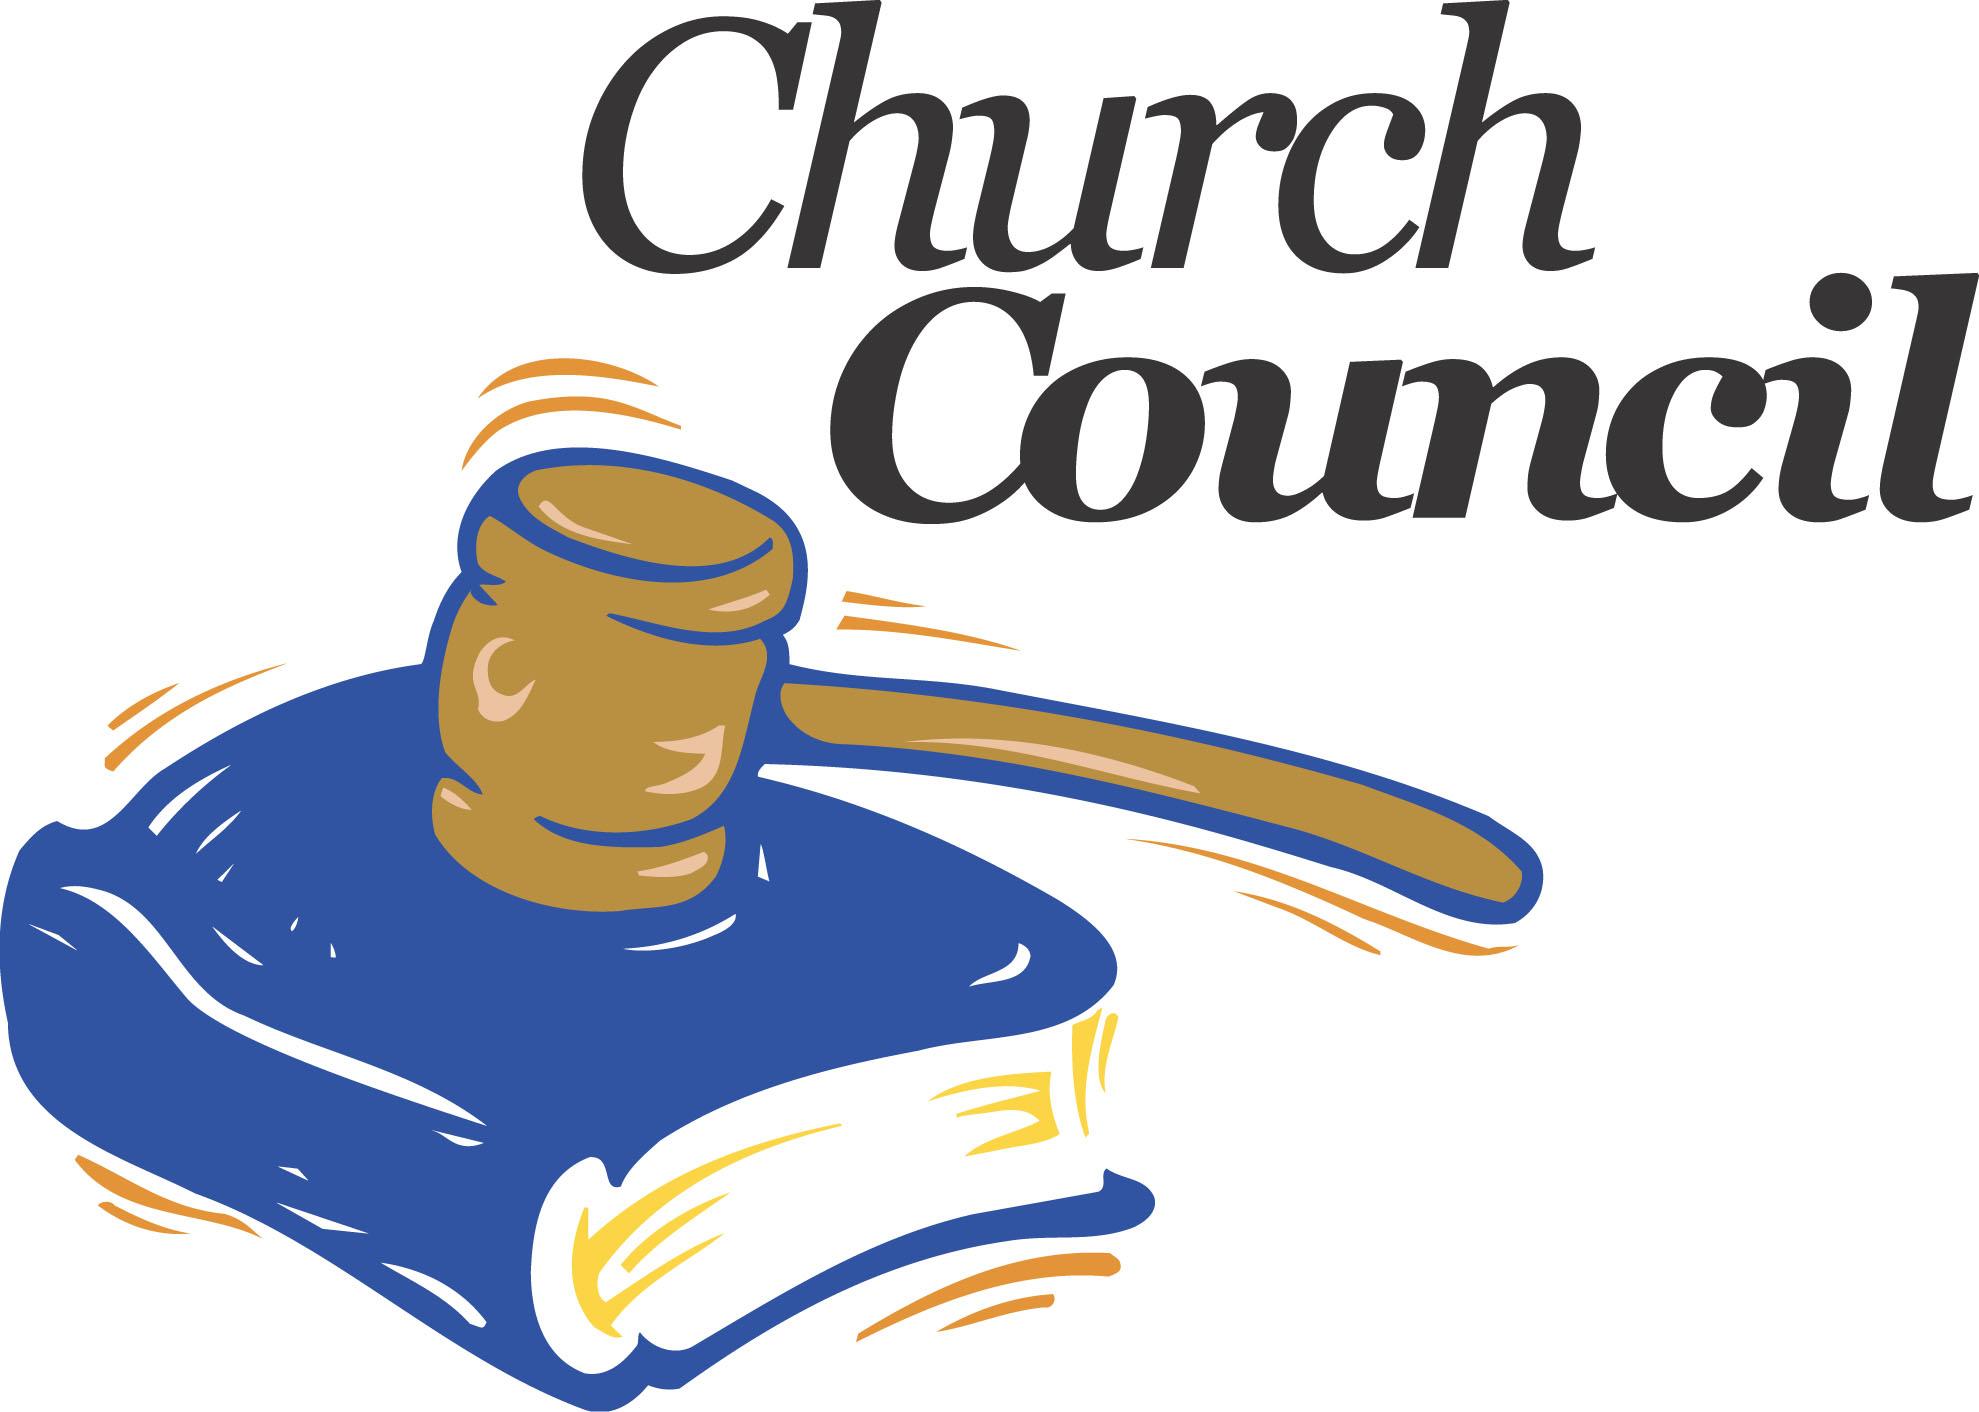 Parish Council Meeting - Faith Evangelical Lutheran Church